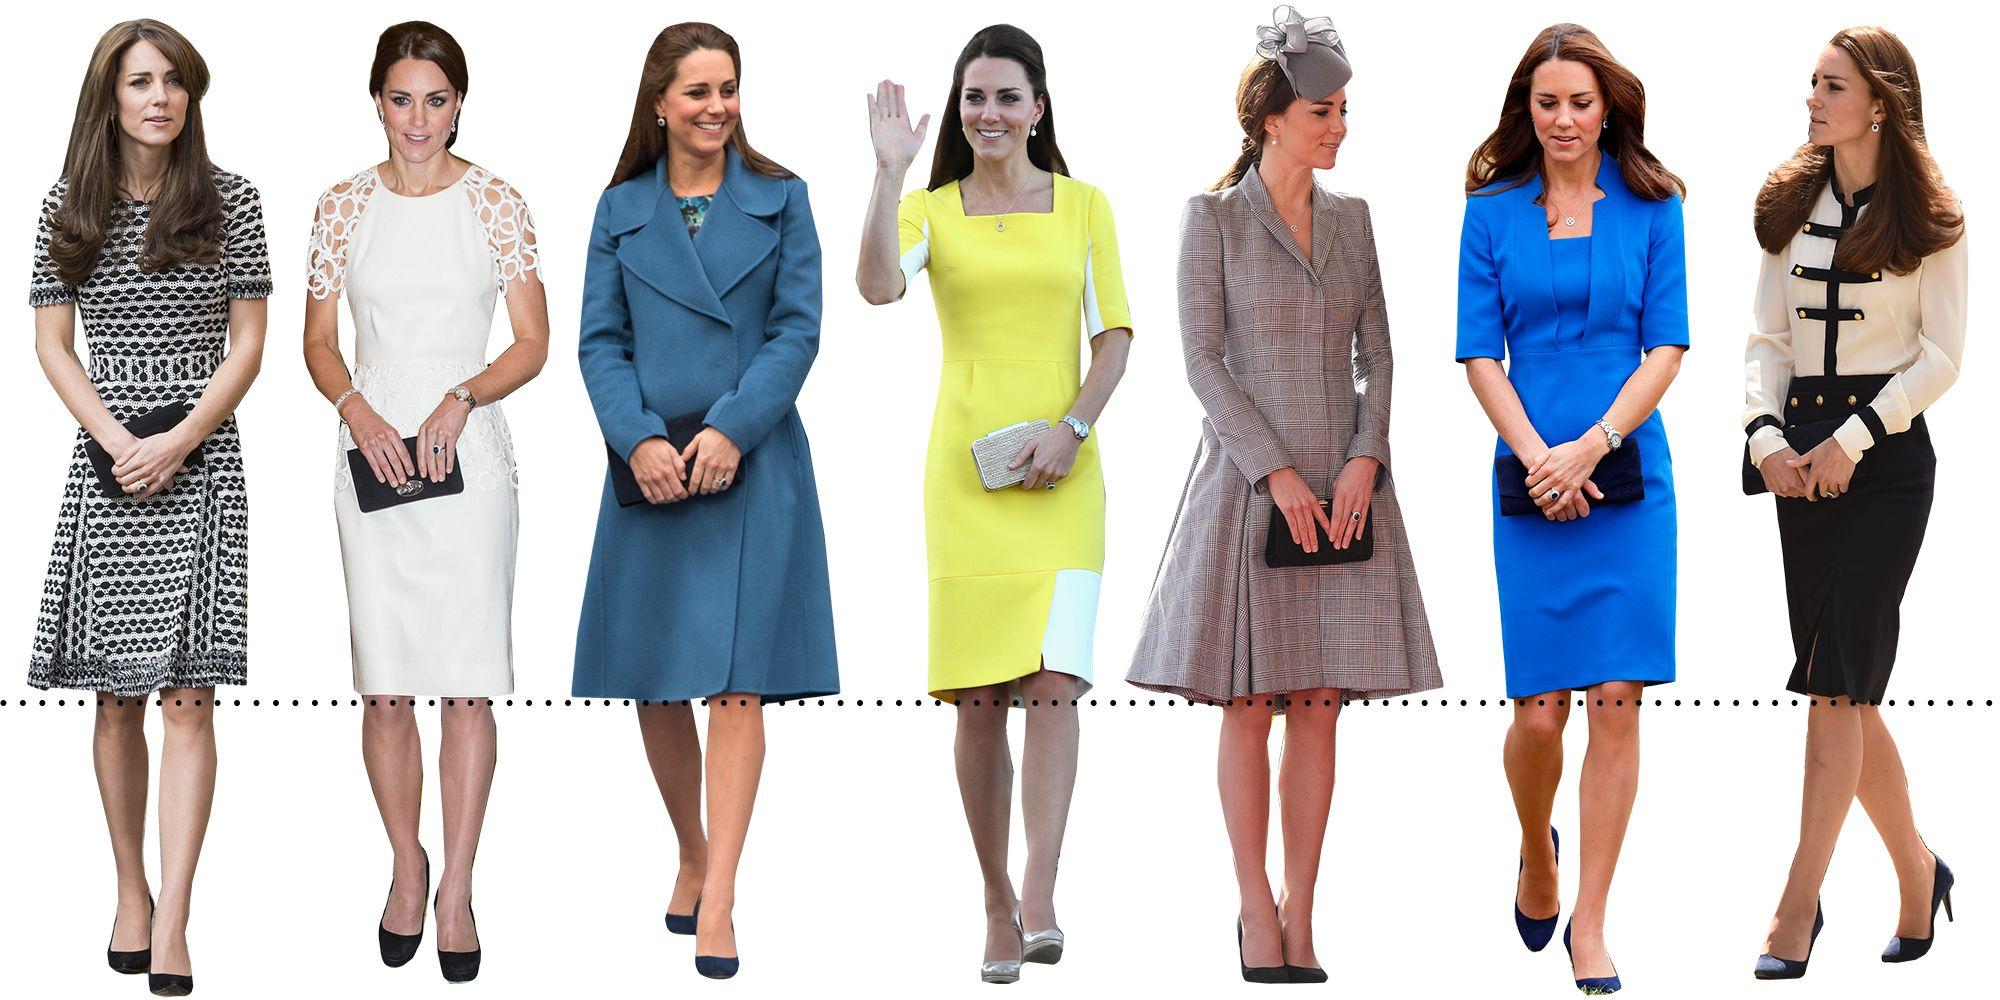 <p>Date un'occhiata agli outfit qui sopra: la lunghezza degli abiti, delle gonne o dei cappotti di Kate è la stessa, l'orlo arriva proprio sul ginocchio. È la lunghezza che più esalta il suo corpo.</p>